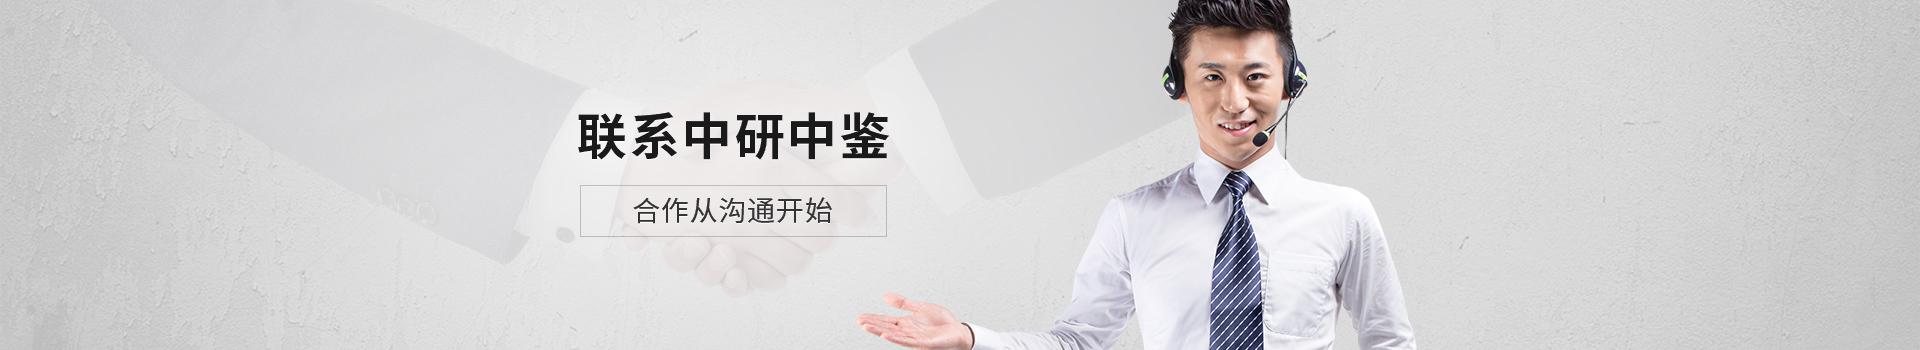 联系北京中研中鉴